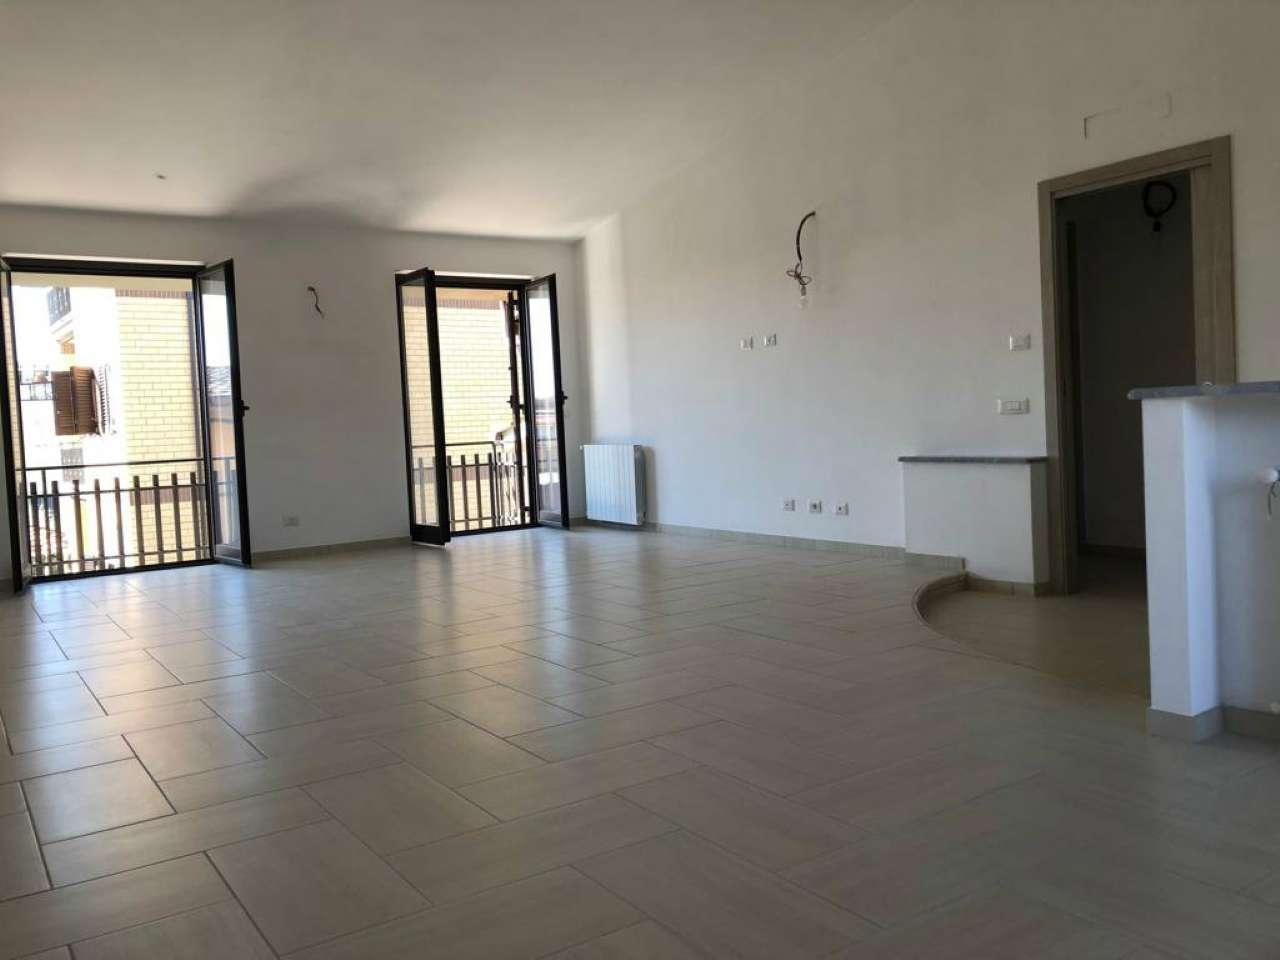 Appartamento in vendita a Guidonia Montecelio, 3 locali, prezzo € 150.000 | CambioCasa.it